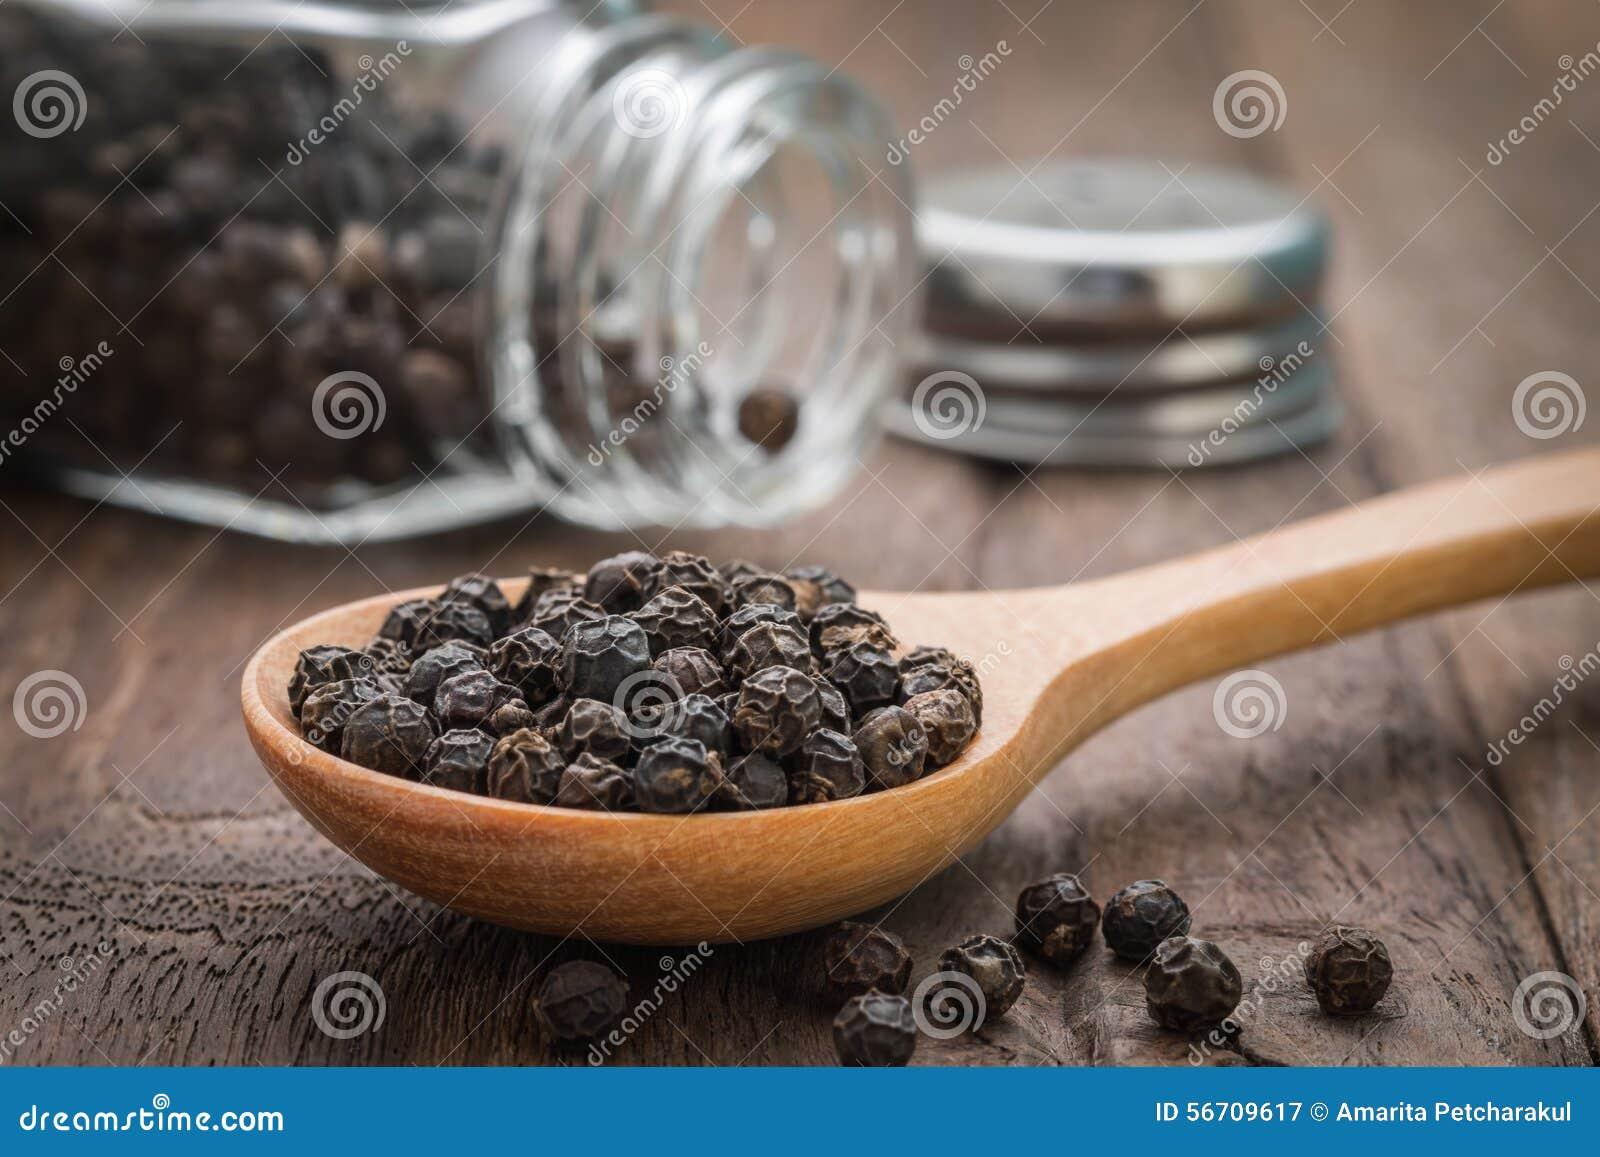 Black pepper on wooden spoon